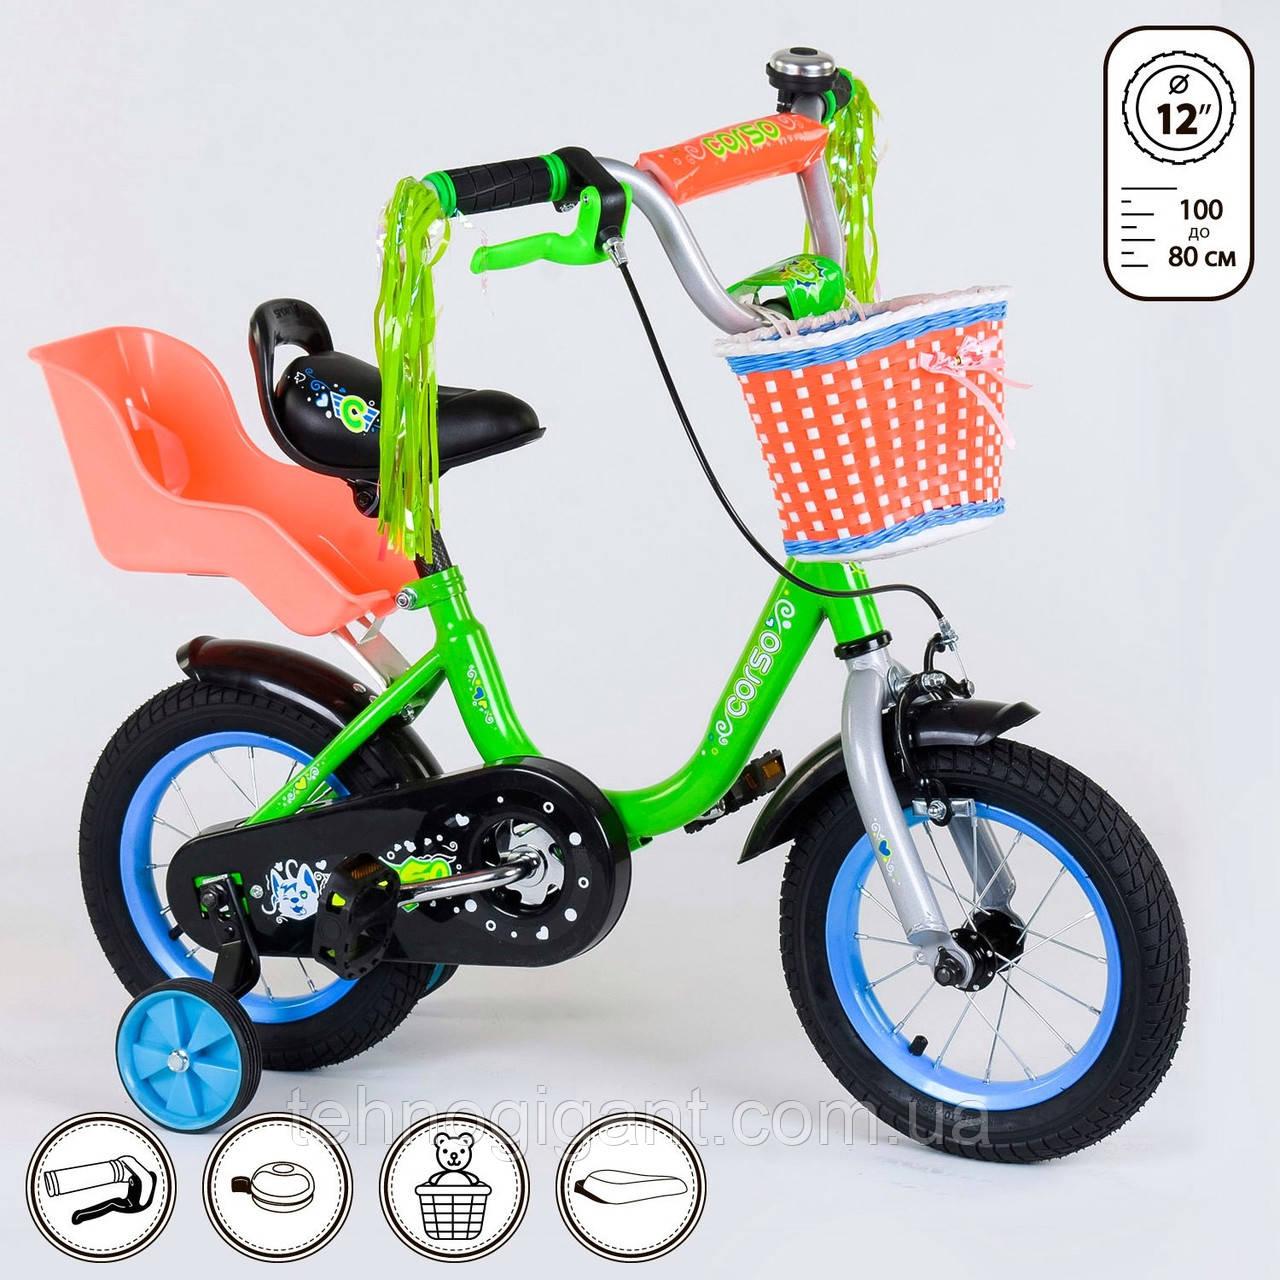 """Велосипед 14"""" дюймов 2-х колёсный """"CORSO""""  Салатовый, ручной тормоз, звоночек, сидение с ручкой, доп. колеса"""